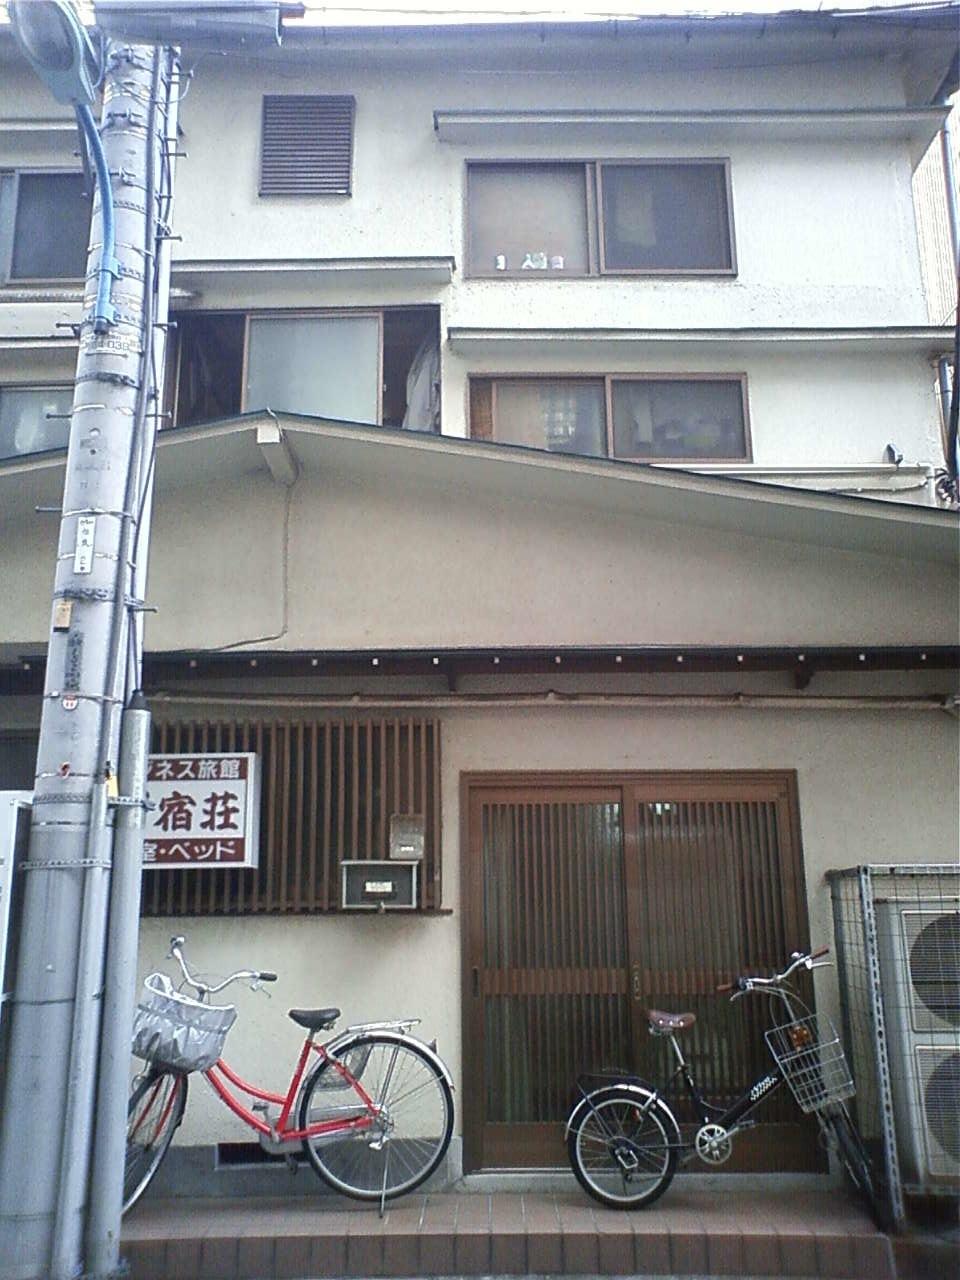 写真 新宿四丁目付近 4_b0136144_632548.jpg